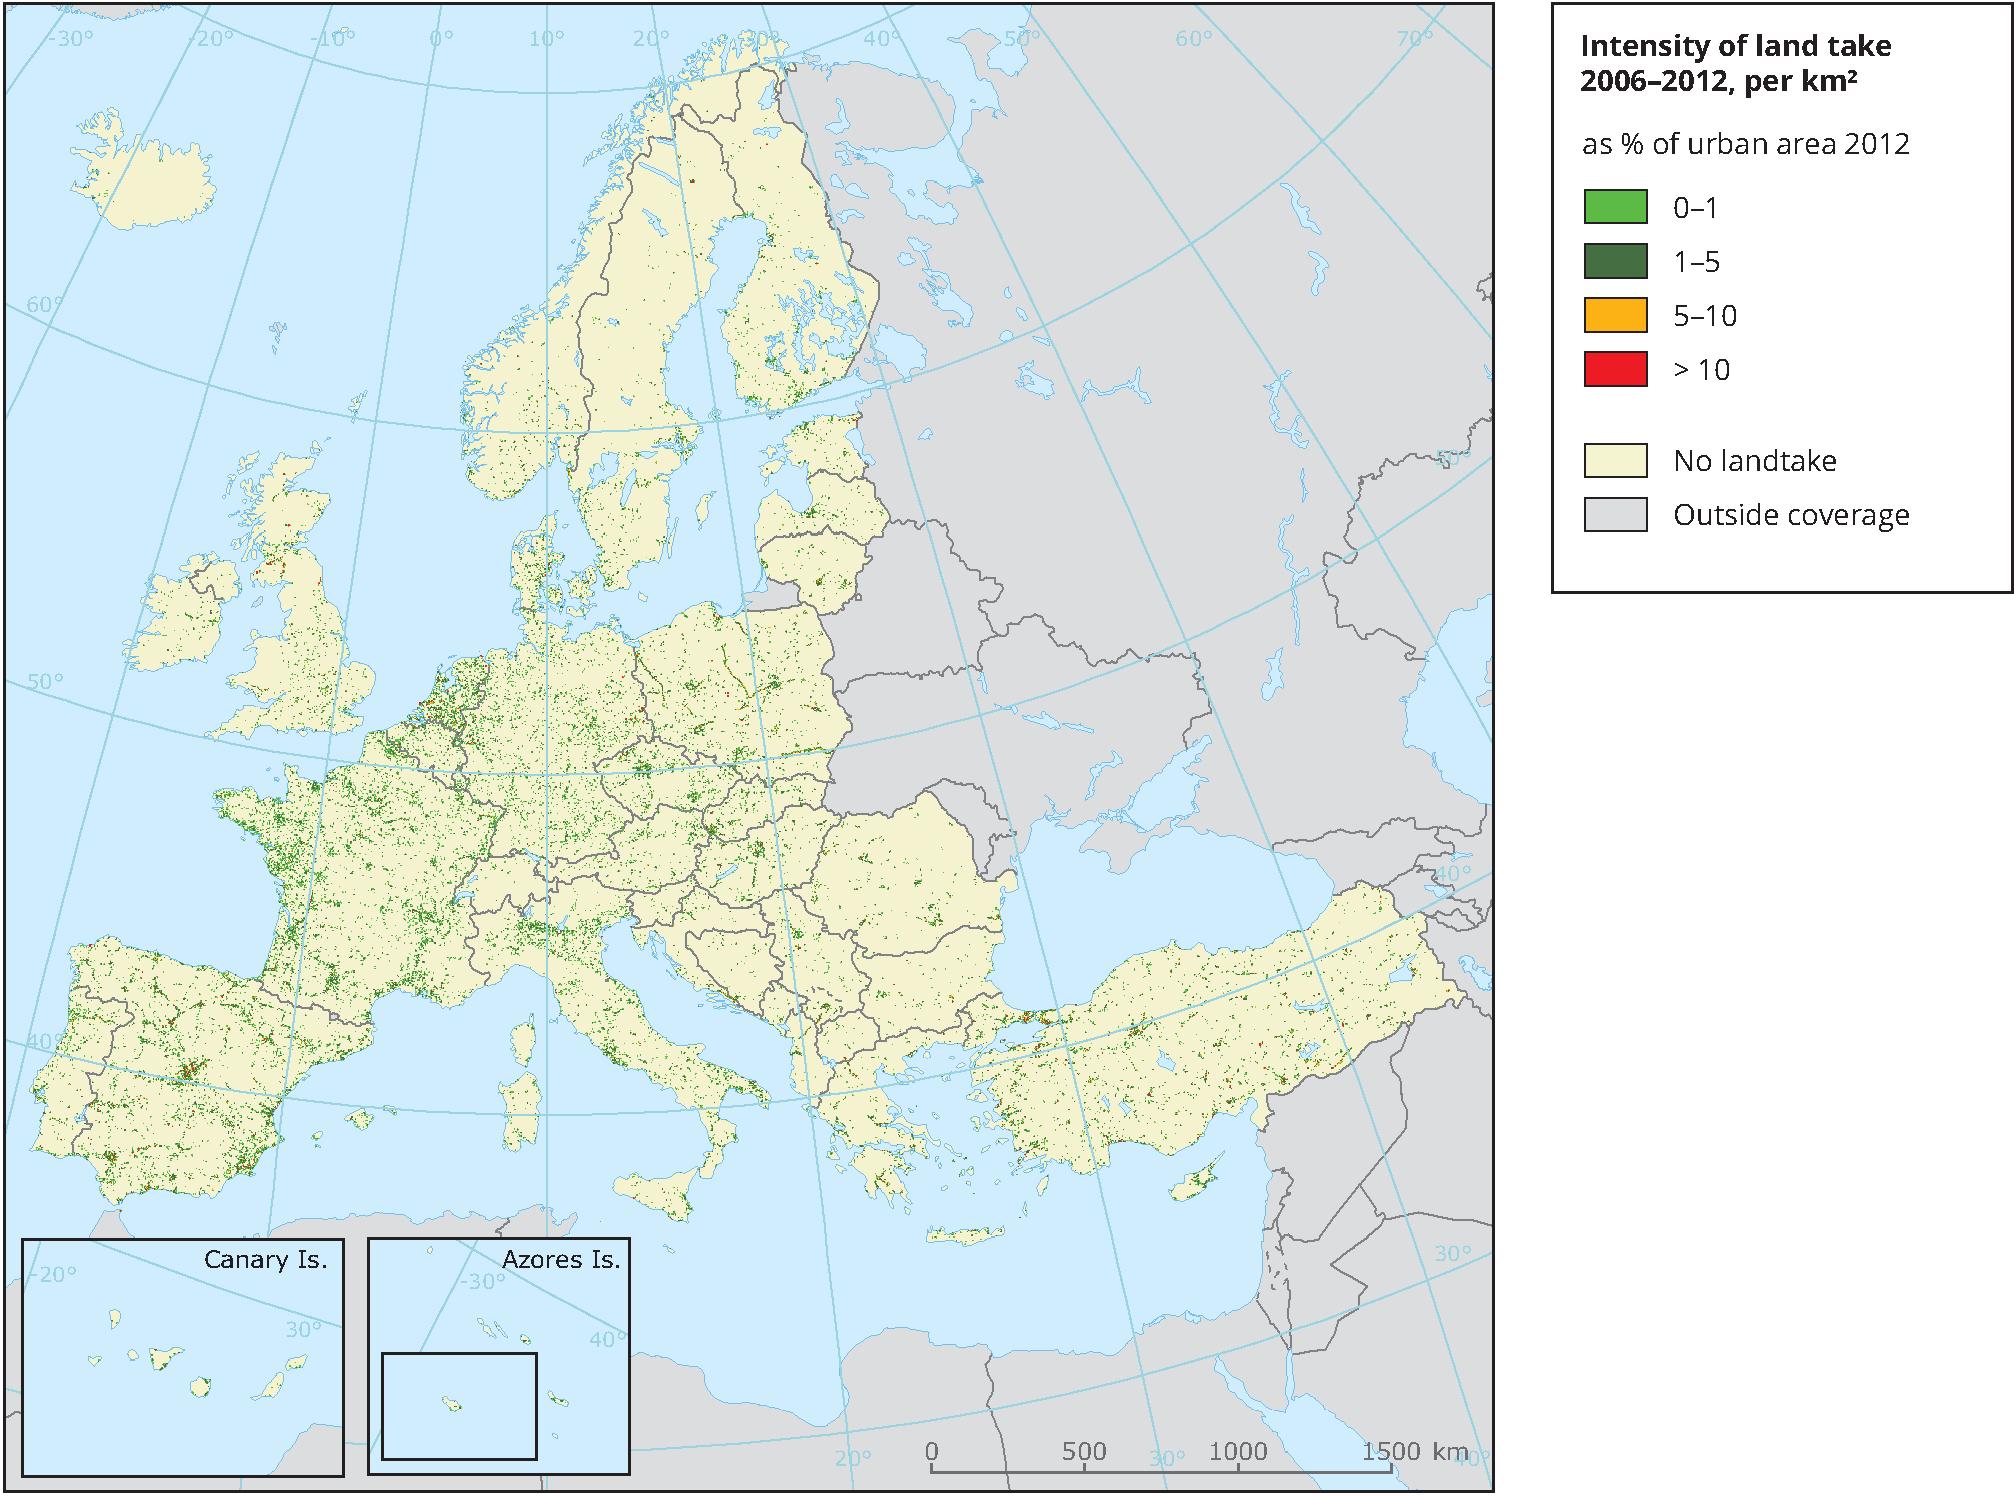 Intensity of land take 2006-2012, per km²